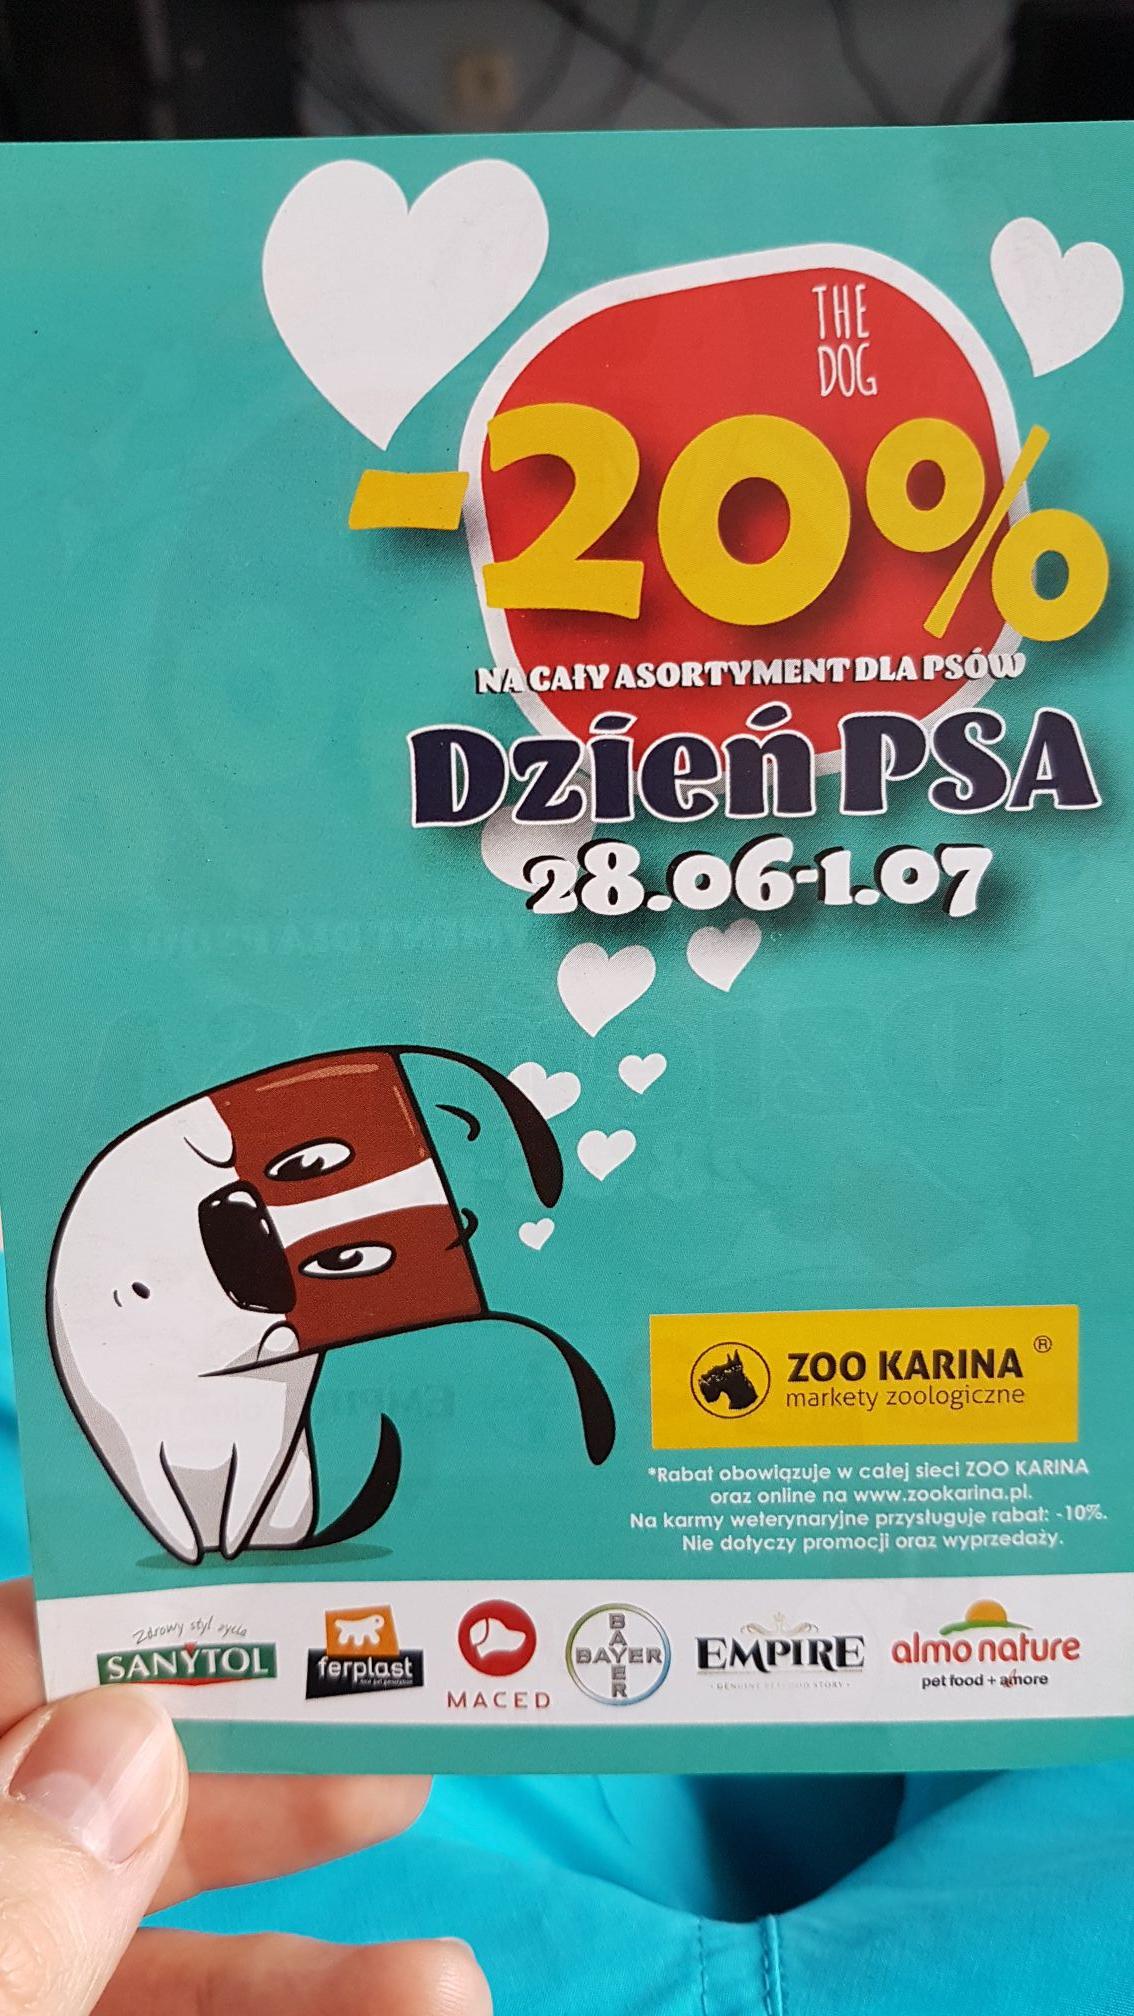 -20% na artykuły dla psów od 28.06 do 1.07 @ Zoo Karina